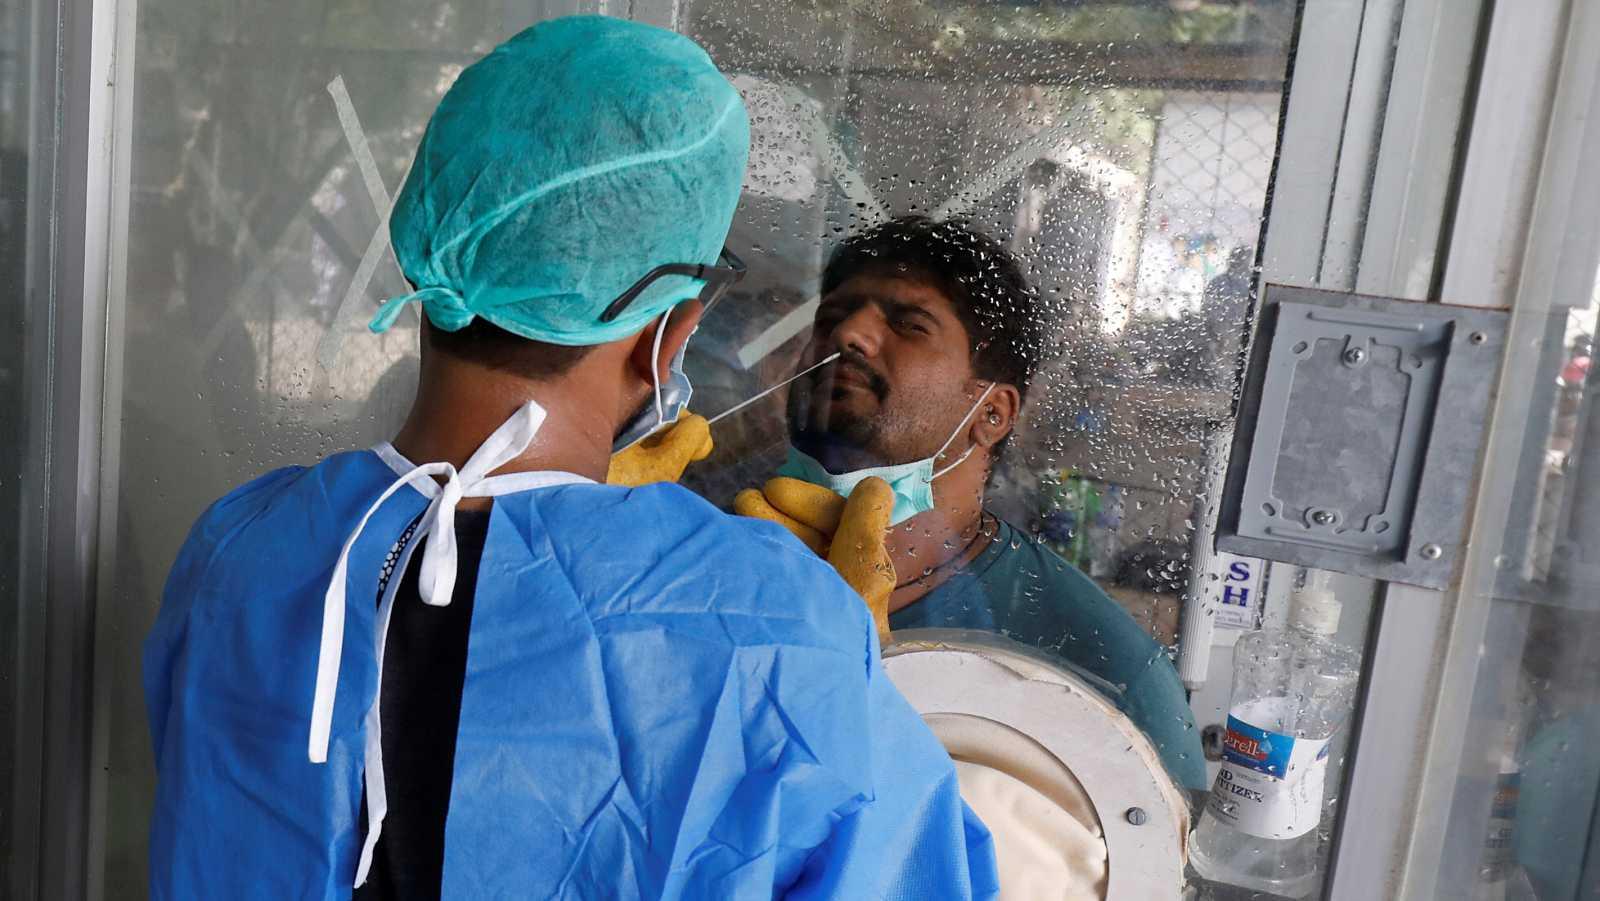 El coronavirus suma diez millones de contagios y medio millón de muertos en el mundo